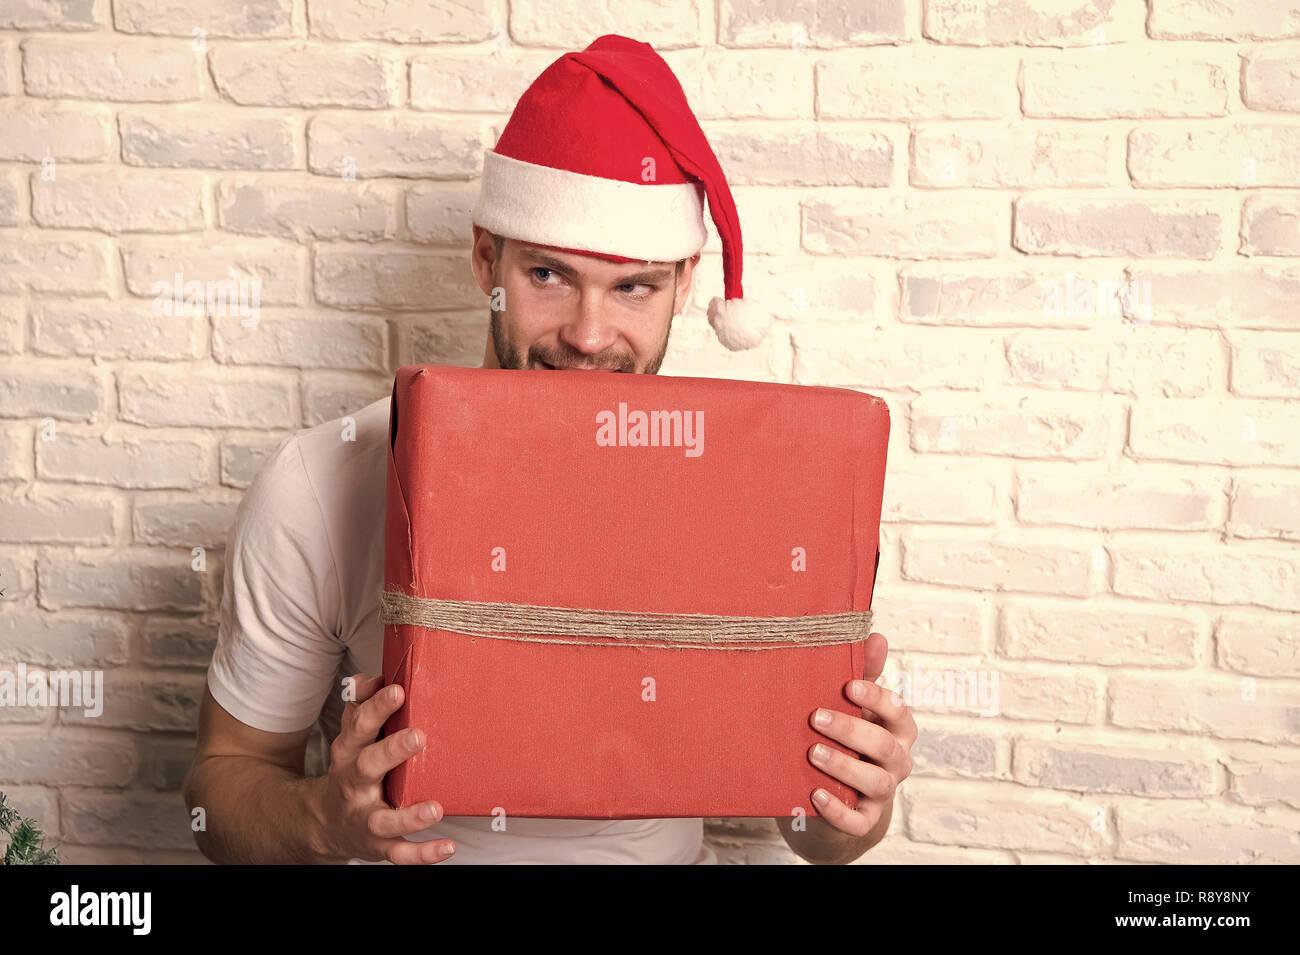 Hombre con astucia se enfrentan en santa hat mantenga rojo envolvió presentes de Navidad Caja en pared de ladrillo blanco. Y el intercambio de regalos. El Boxing Day concepto. Imagen De Stock